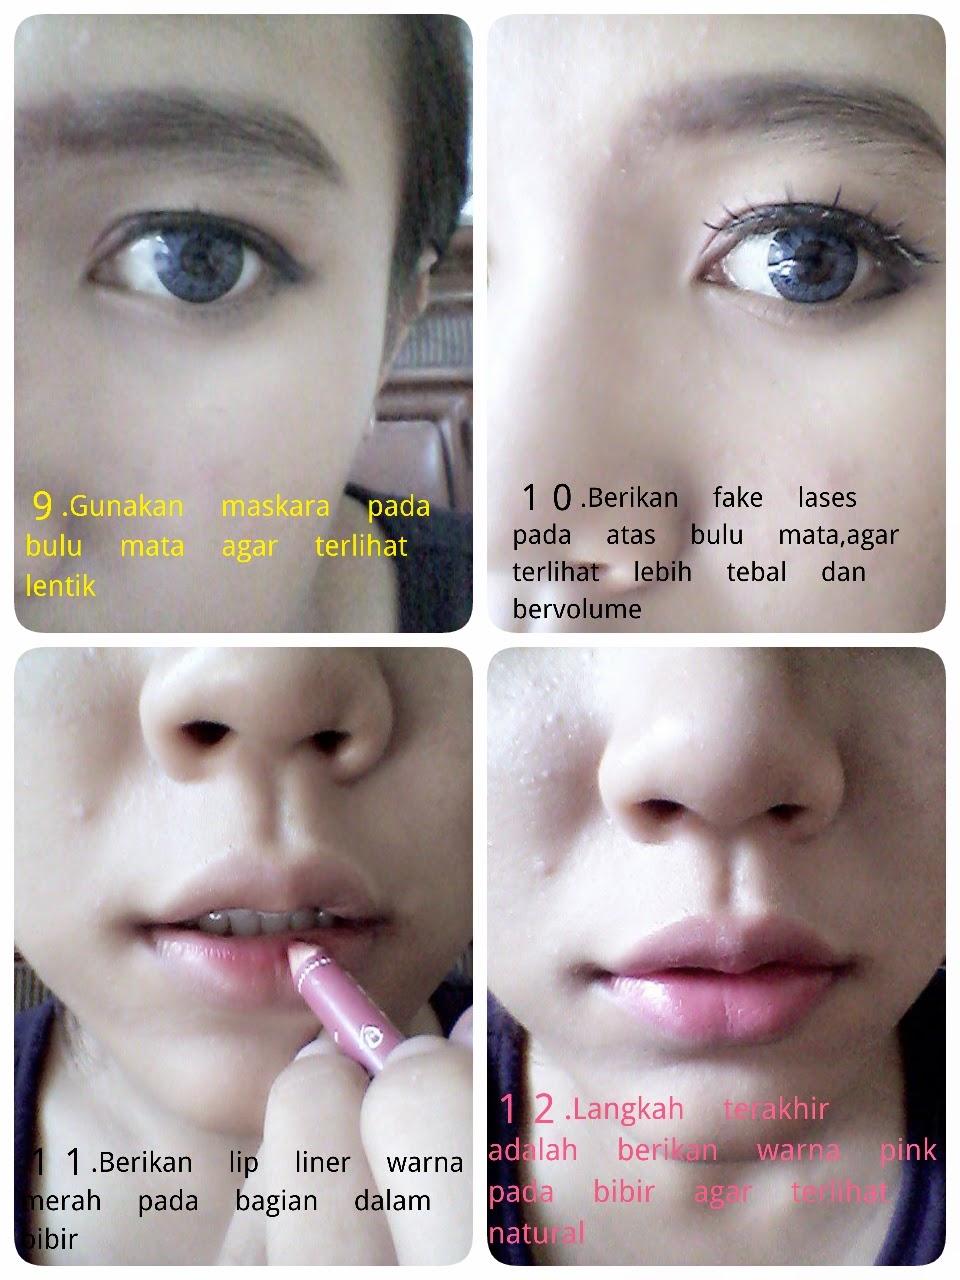 Pixy Silky Fit Lipstick 106 Strawberry Milk Daftar Harga Termurah Amalia Satin Dan Aneka Spesifikasi 320531 Murah Terbaru Source